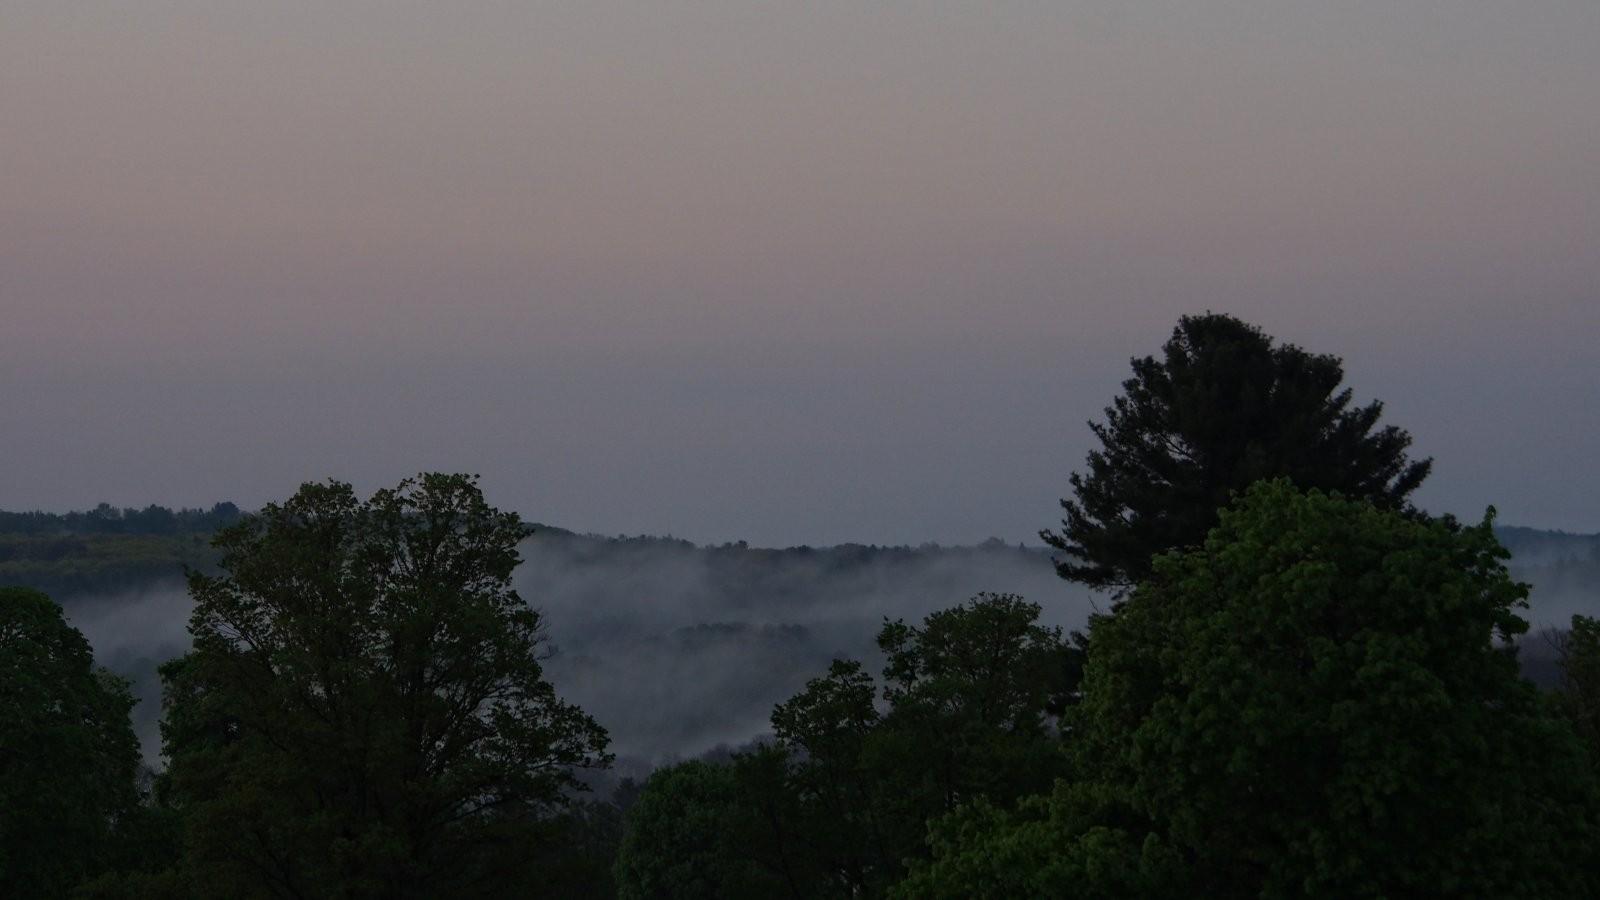 OMD Sunrise and fog at St. Mary's Cemetery 011 copy.jpg